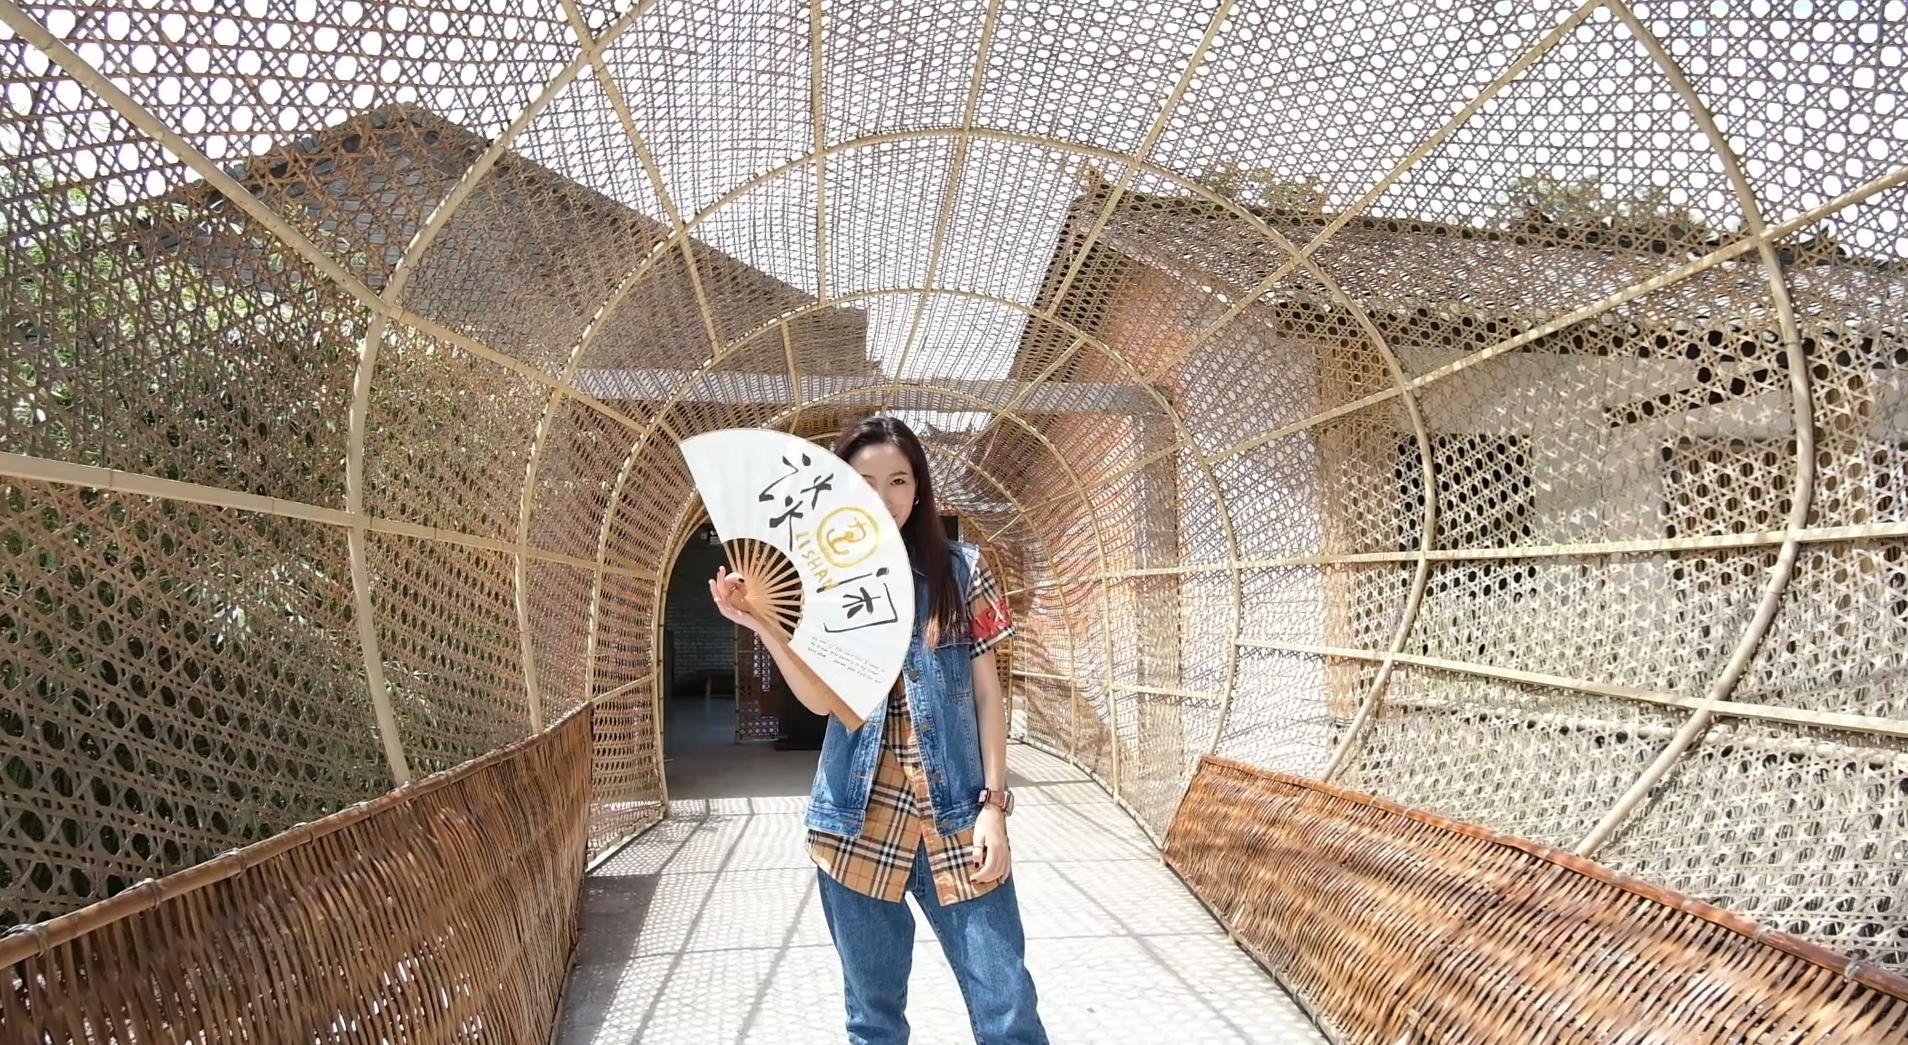 城市初体验丨走进崇州道明竹艺村的竹里世界